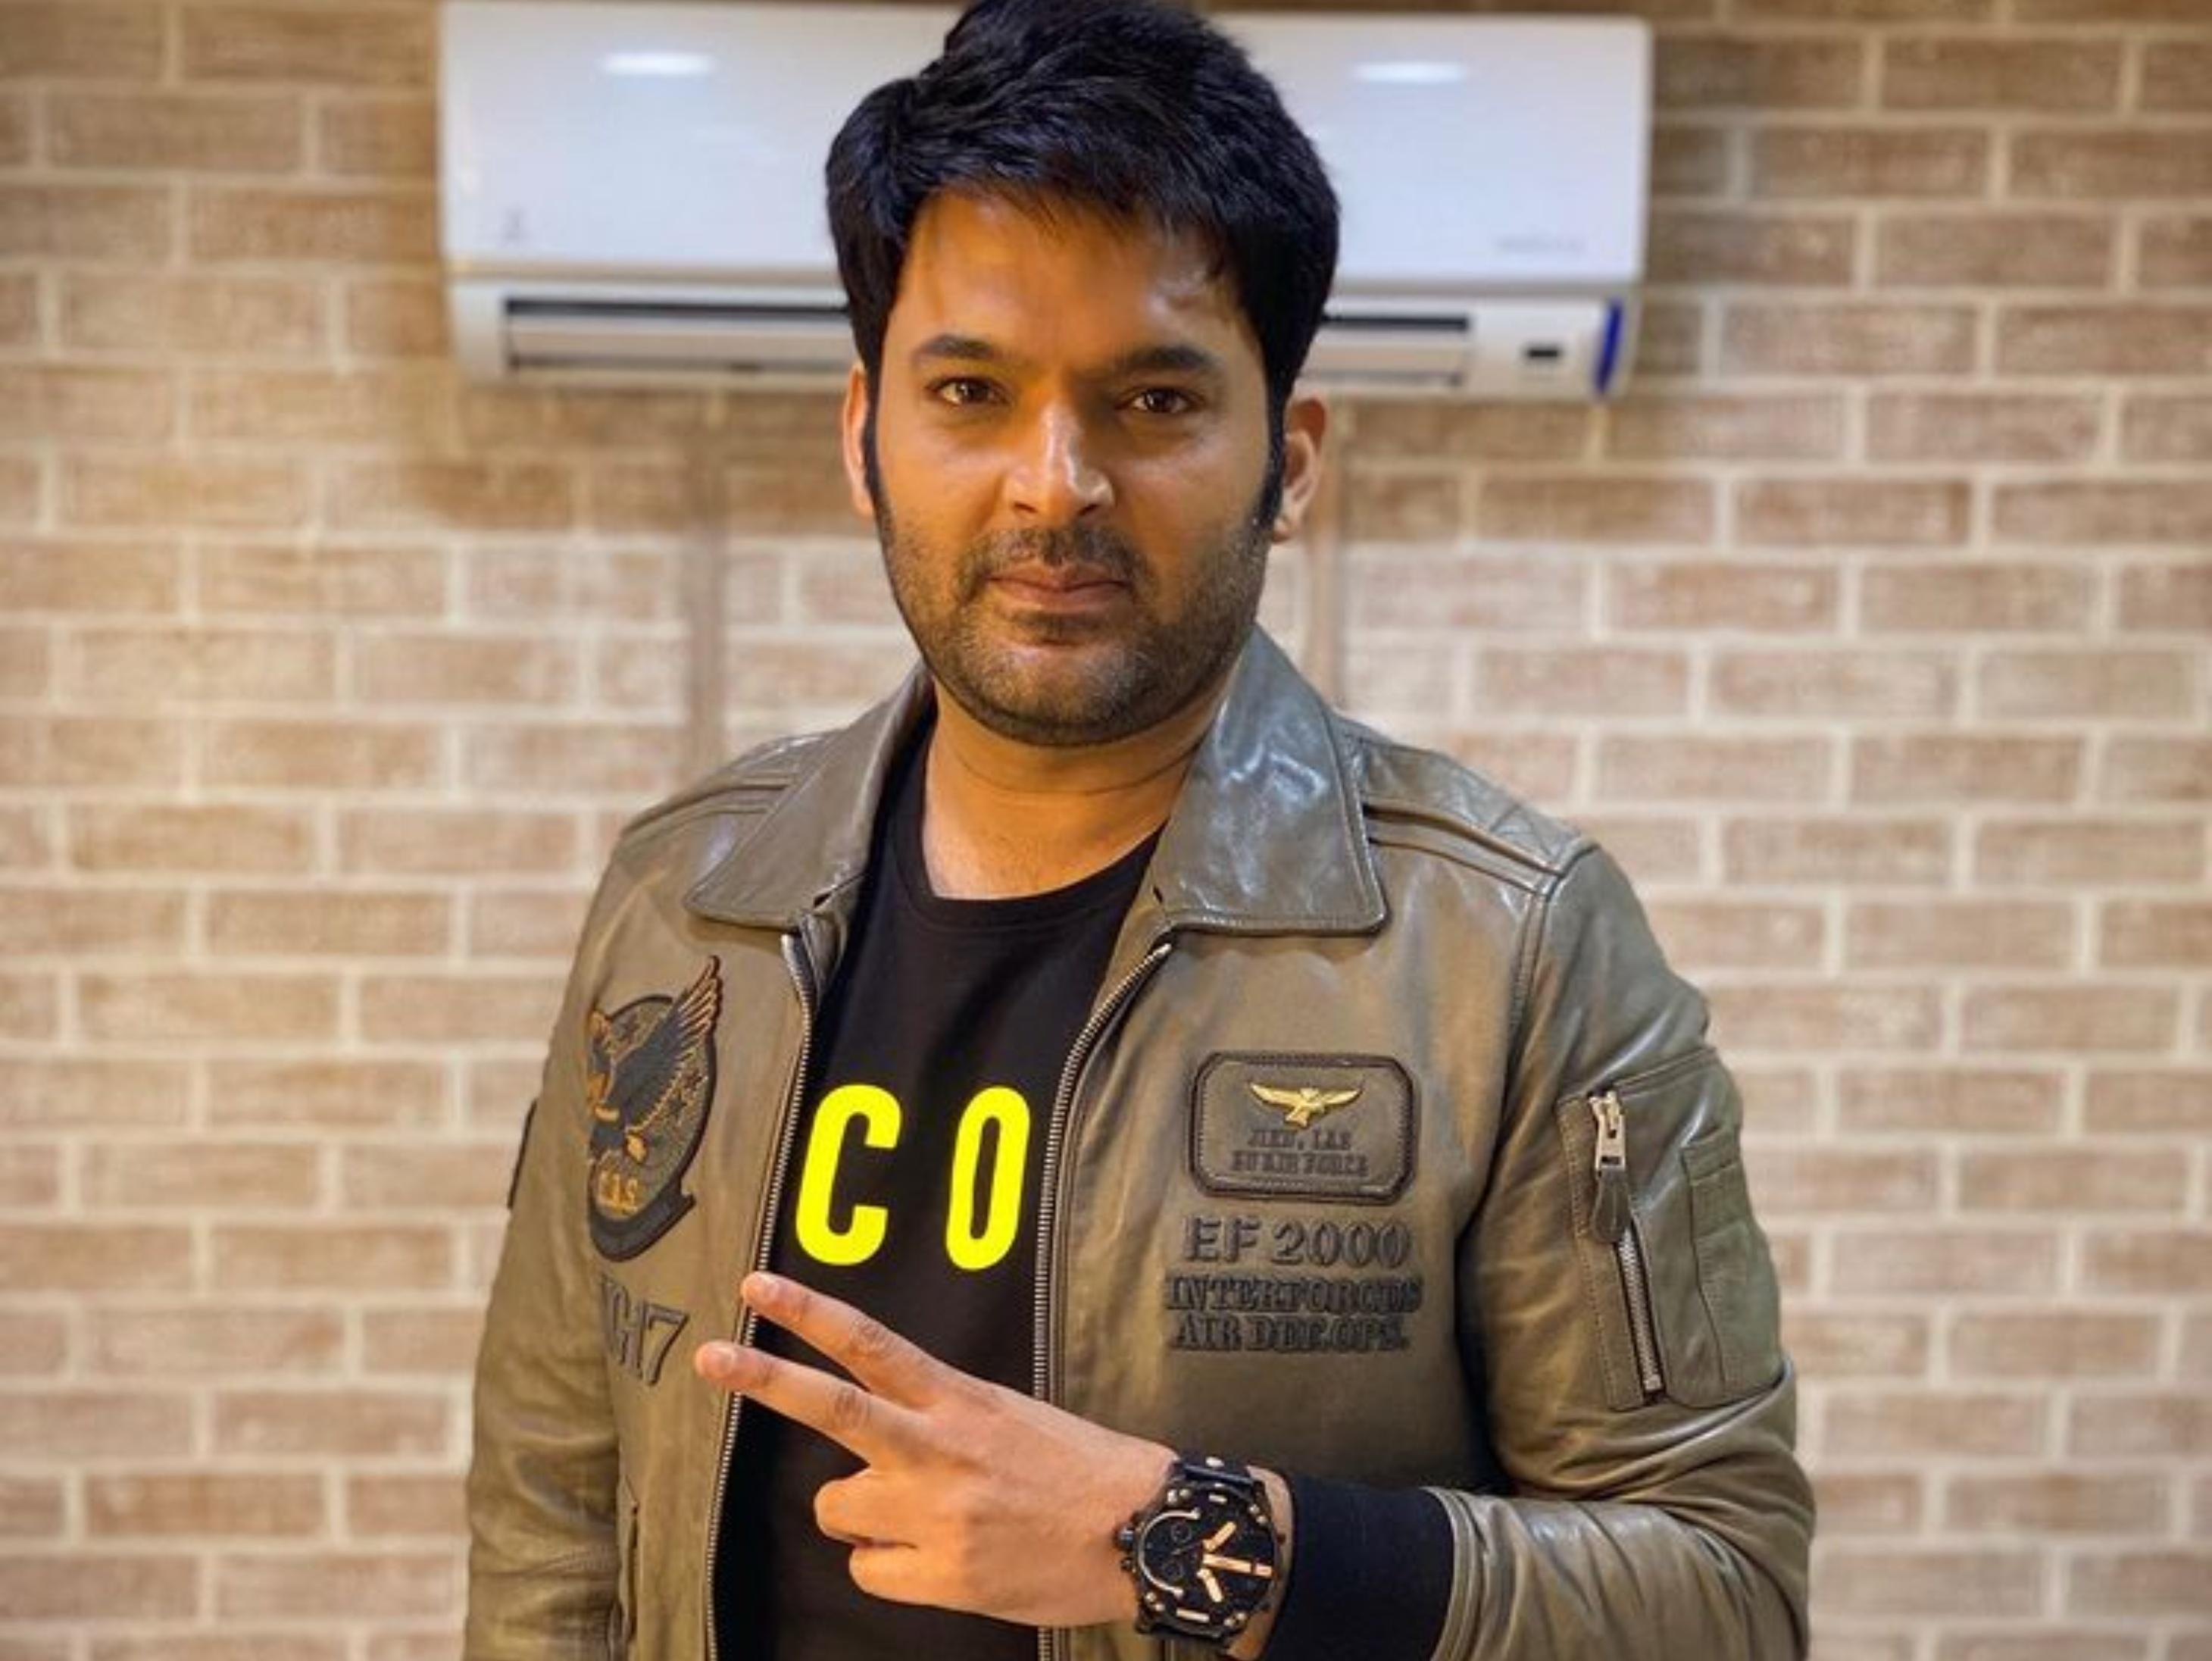 सिंगर नीति मोहन ने पूछा कपिल शर्मा से बेटे का नाम, कॉमेडियन ने कहा- हमने उसका नाम त्रिशान रखा है|बॉलीवुड,Bollywood - Dainik Bhaskar